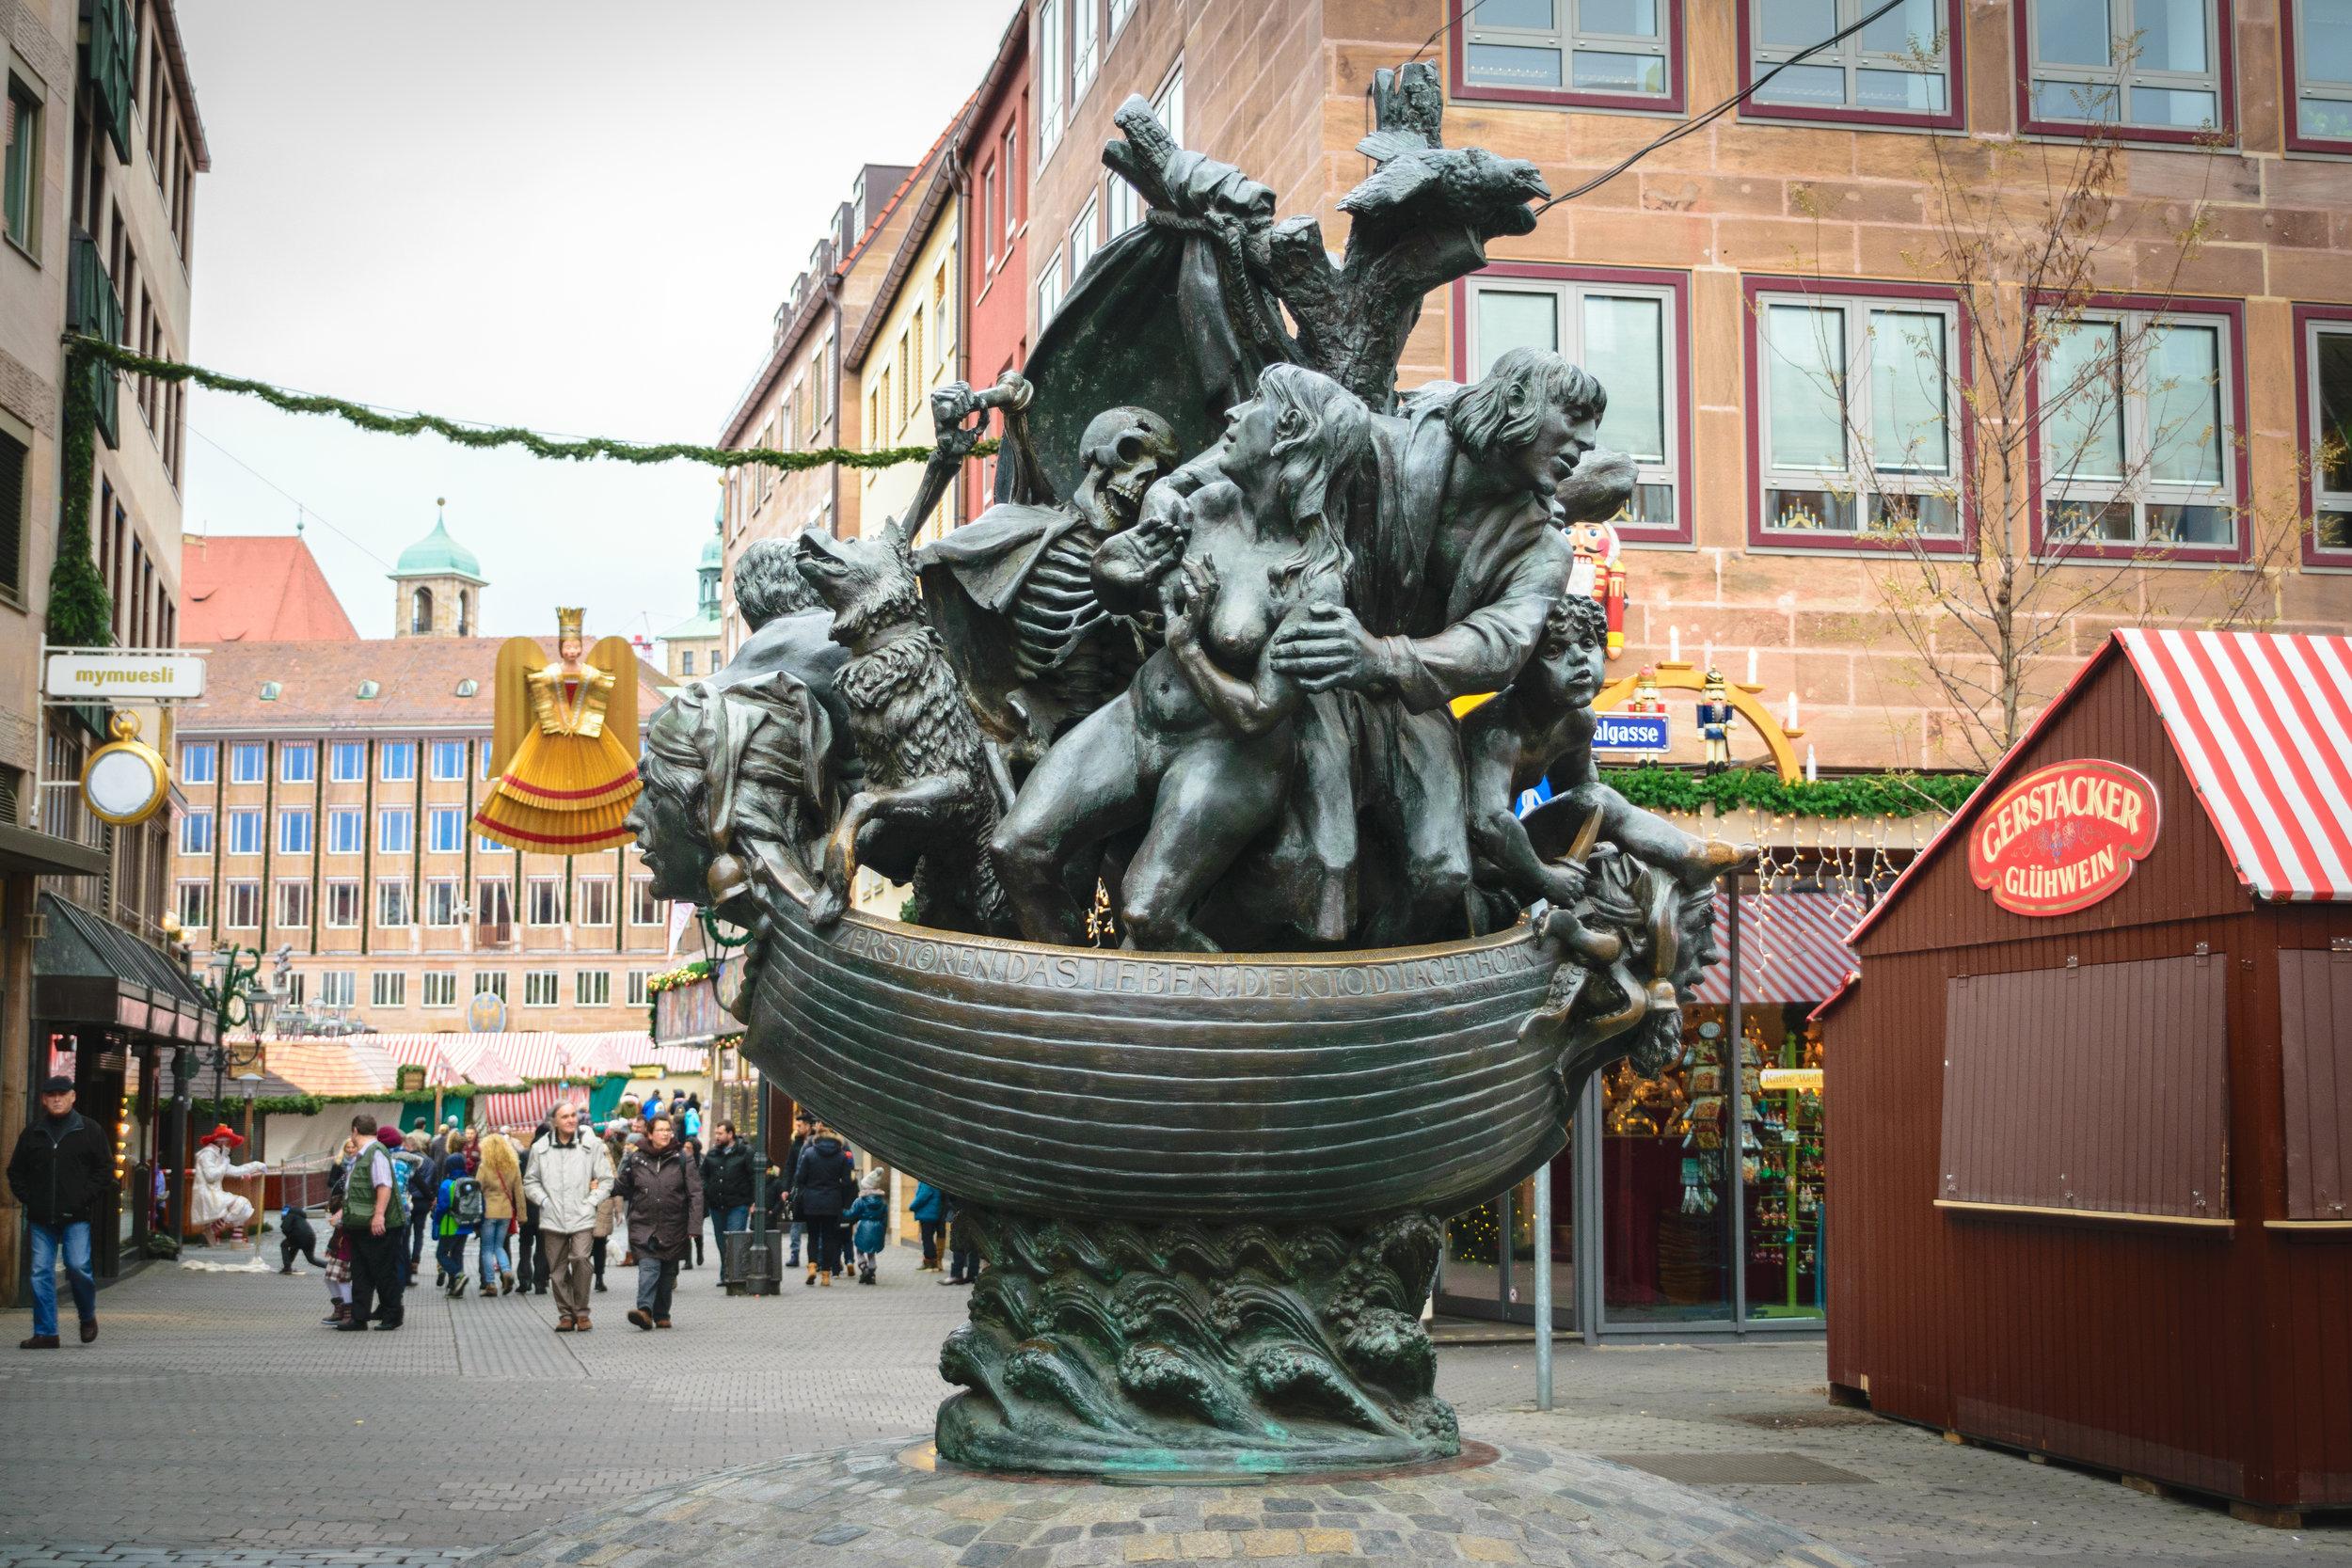 'Ship of Fools' sculpture